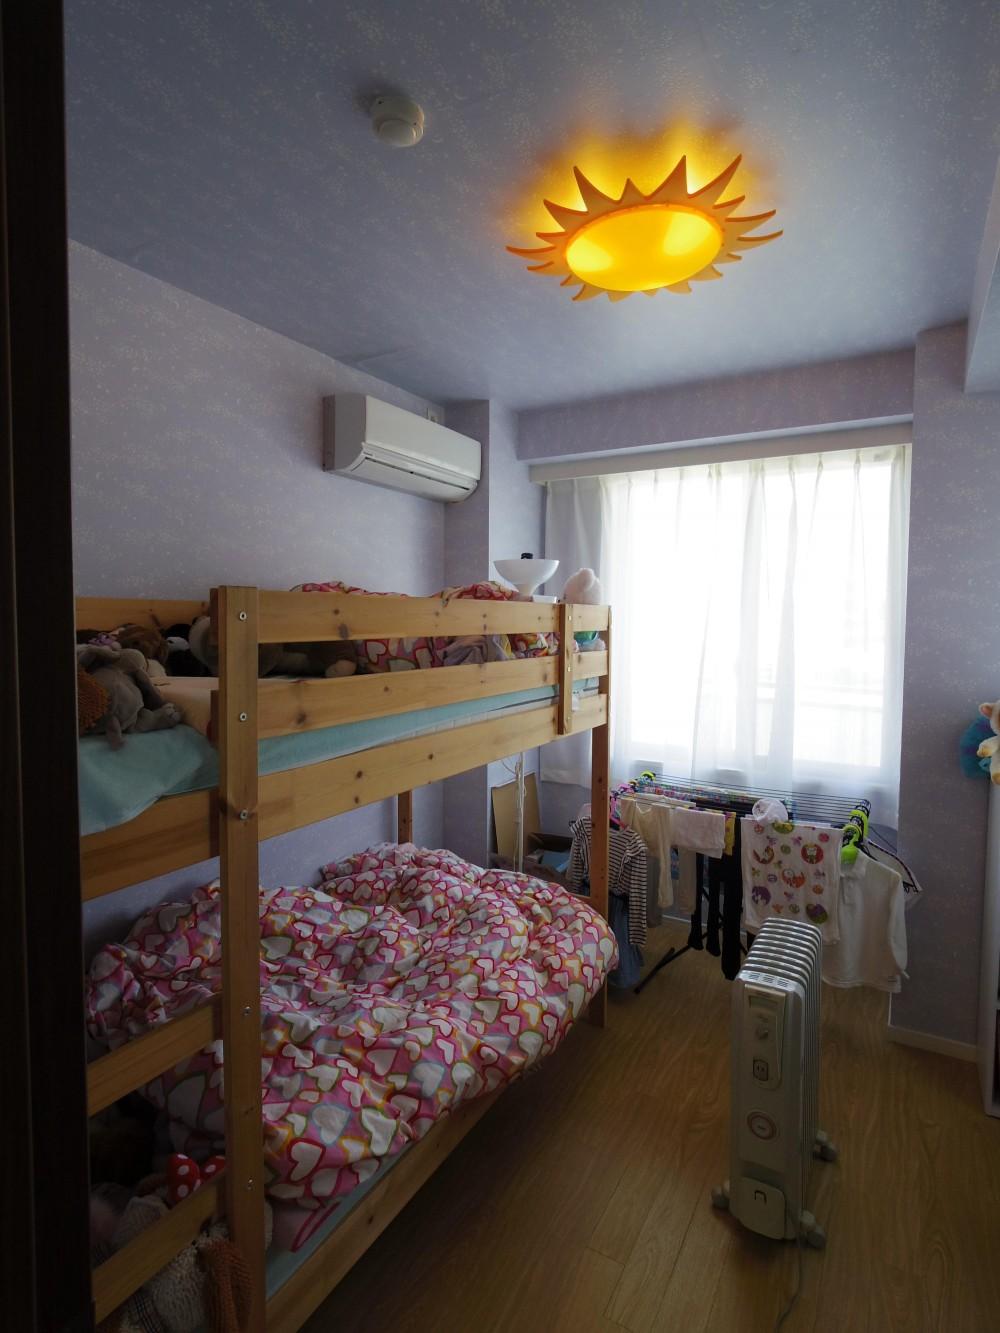 奥さまの家事動線と収納量にこだわった間接照明のあるリノベーション (娘さんたちのかわいいお部屋)